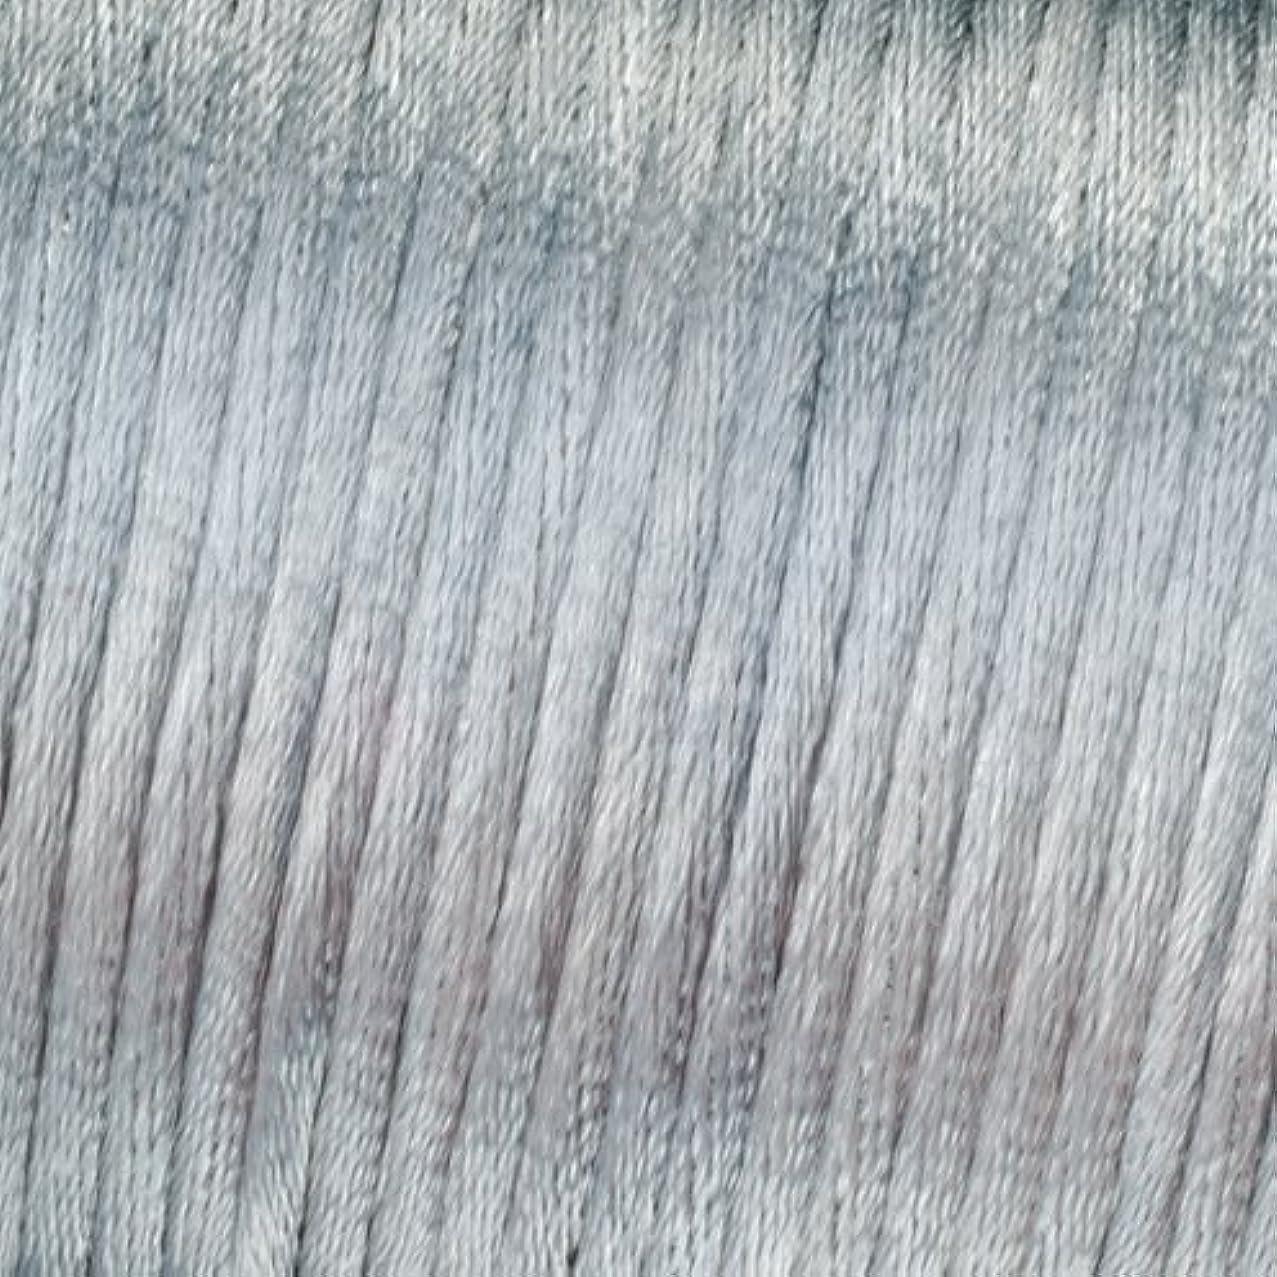 Kumihimo 1.5 mm x 6 m Satin Weave Cord, Light Brown